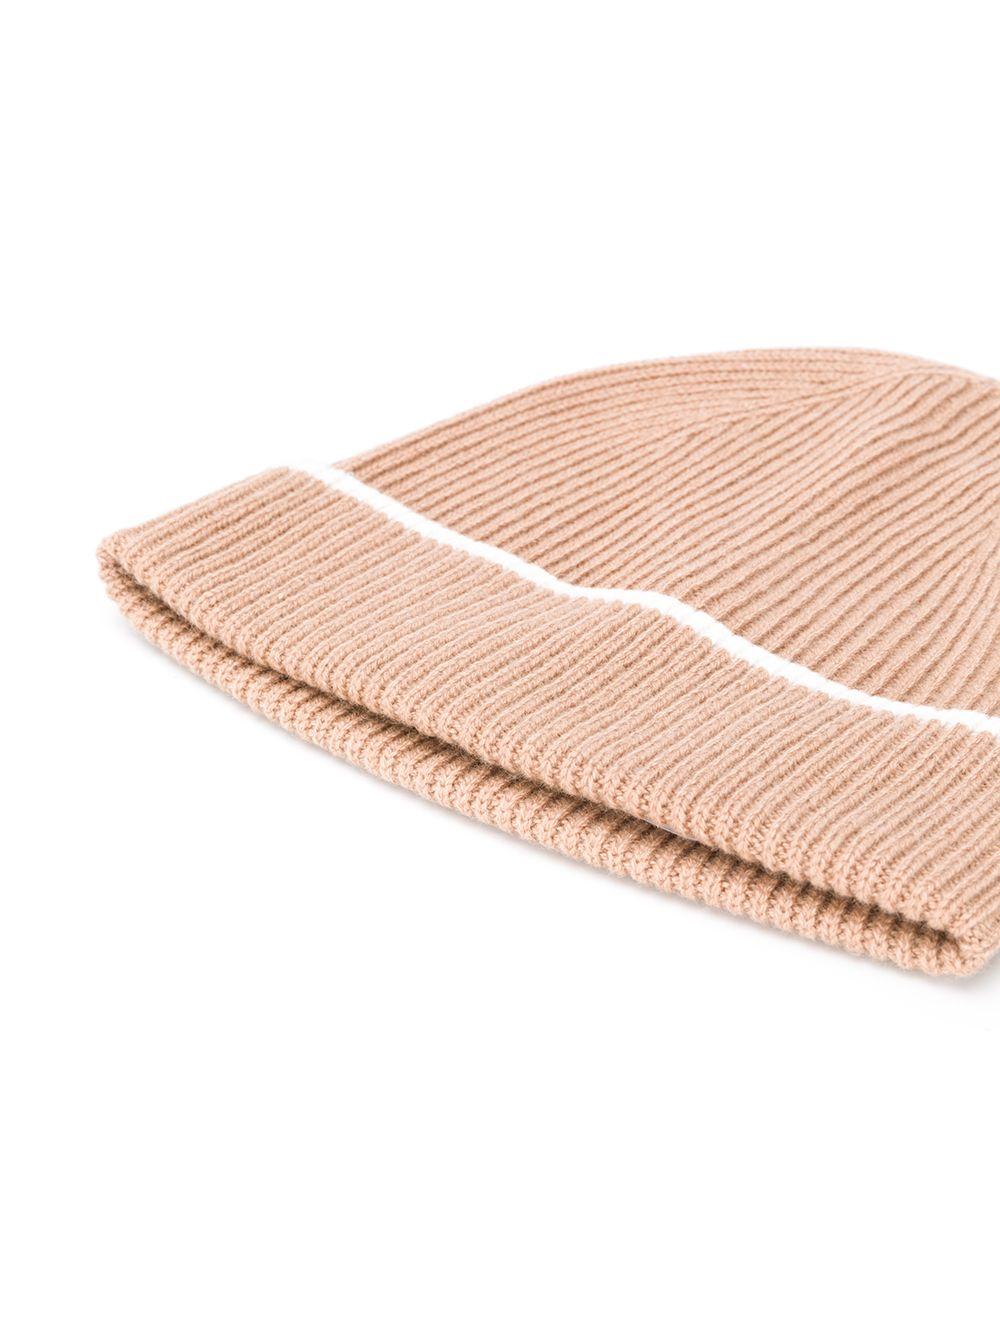 berretto in cachemere marrone cammello ELEVENTY | Cappelli | B77CPLB07-MAG0B05304-01